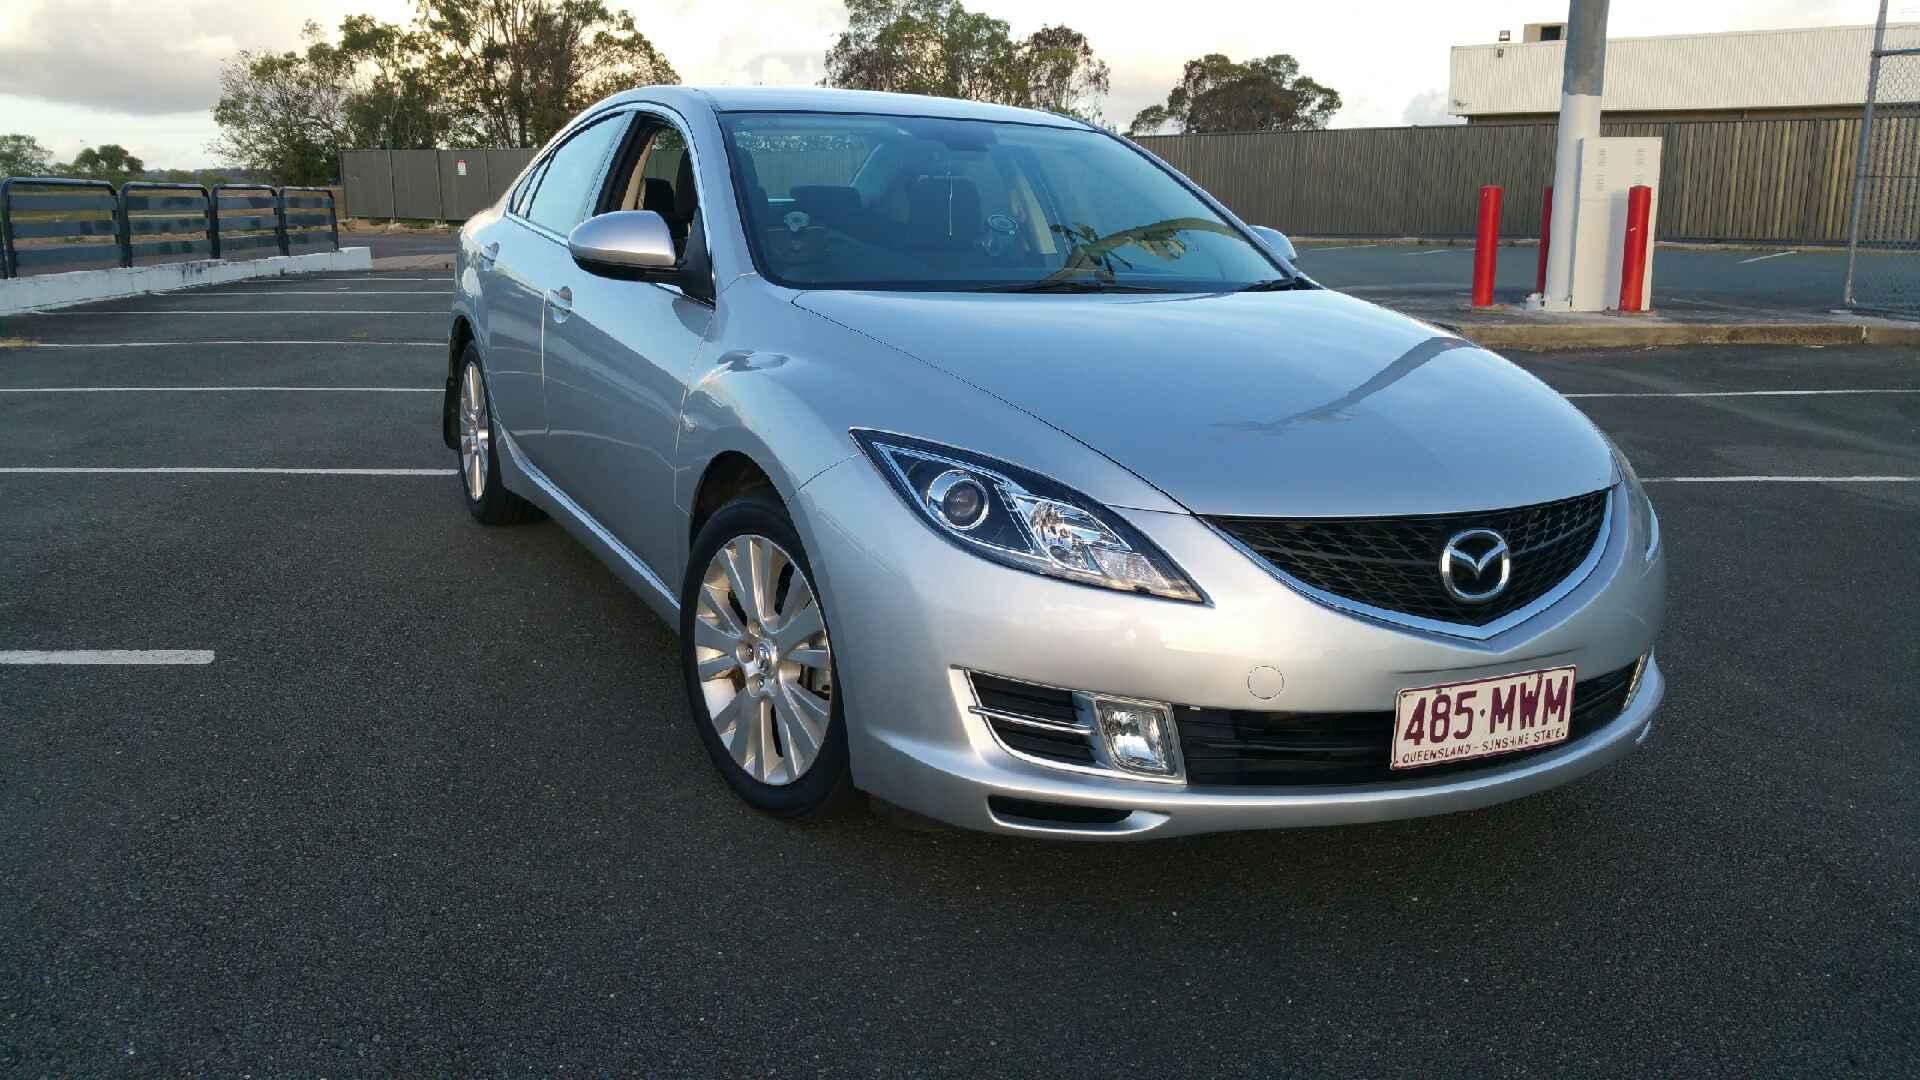 Picture of Edgar's 2009 Mazda Mazda 6